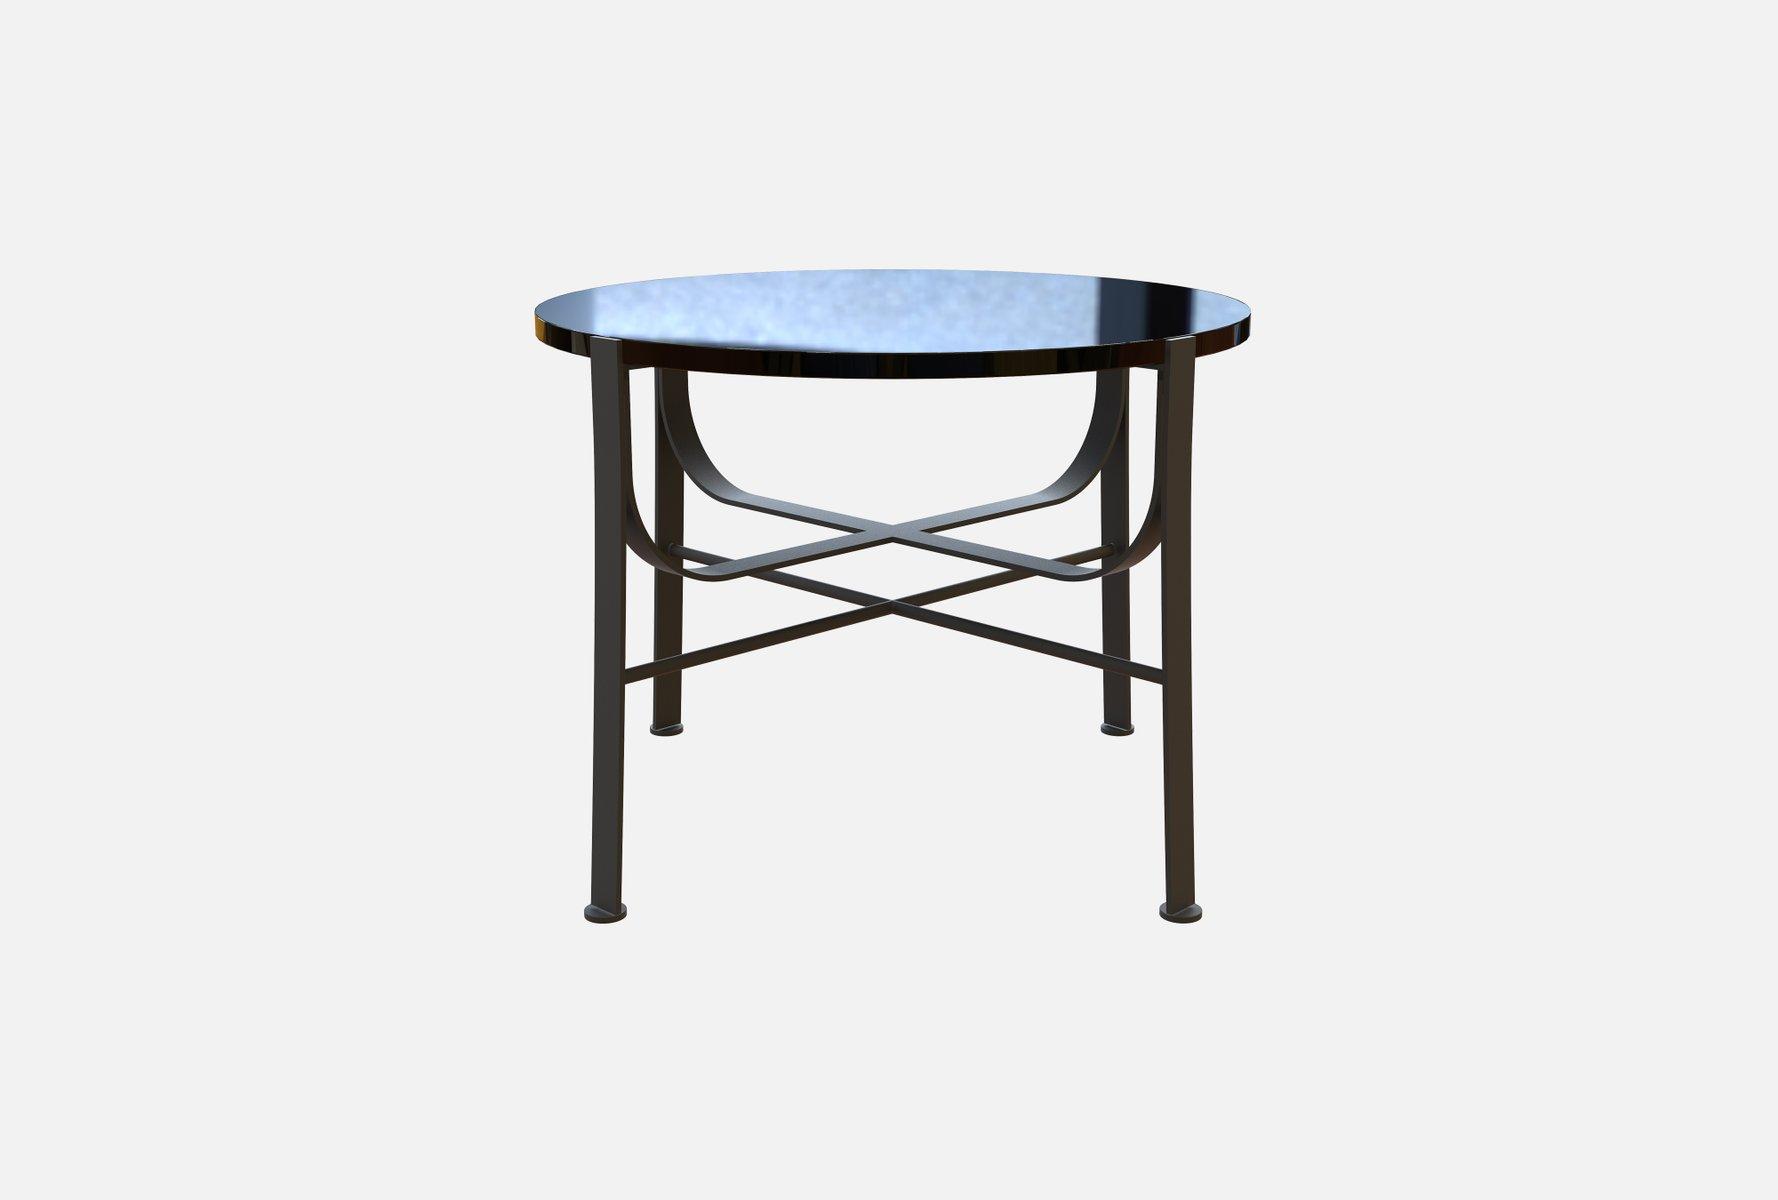 Tavolini In Vetro E Acciaio : Tavolino da caffè merge in acciaio e vetro nero di alex baser per